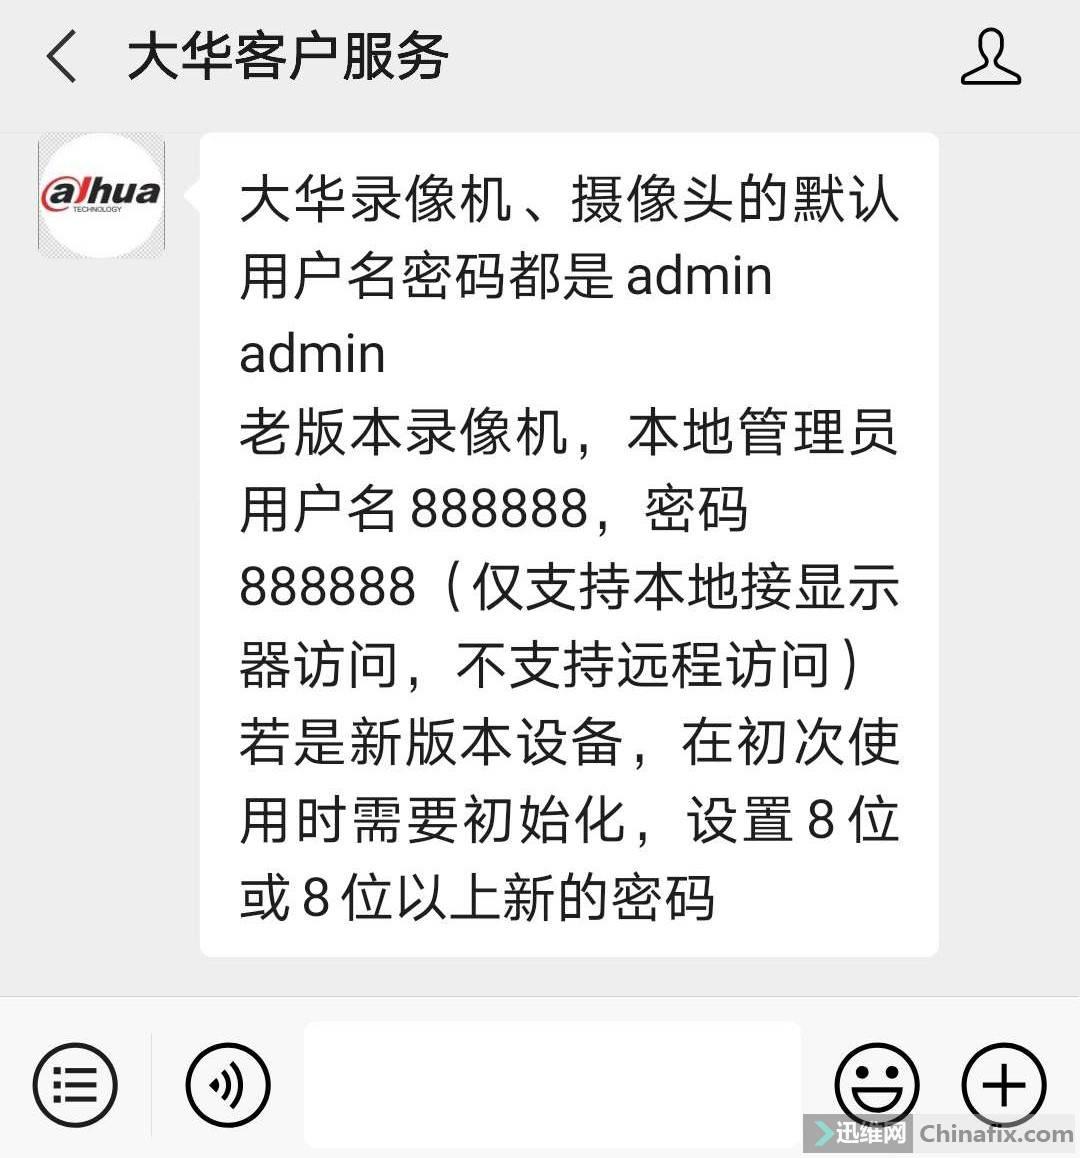 大华密码_看图王.jpg